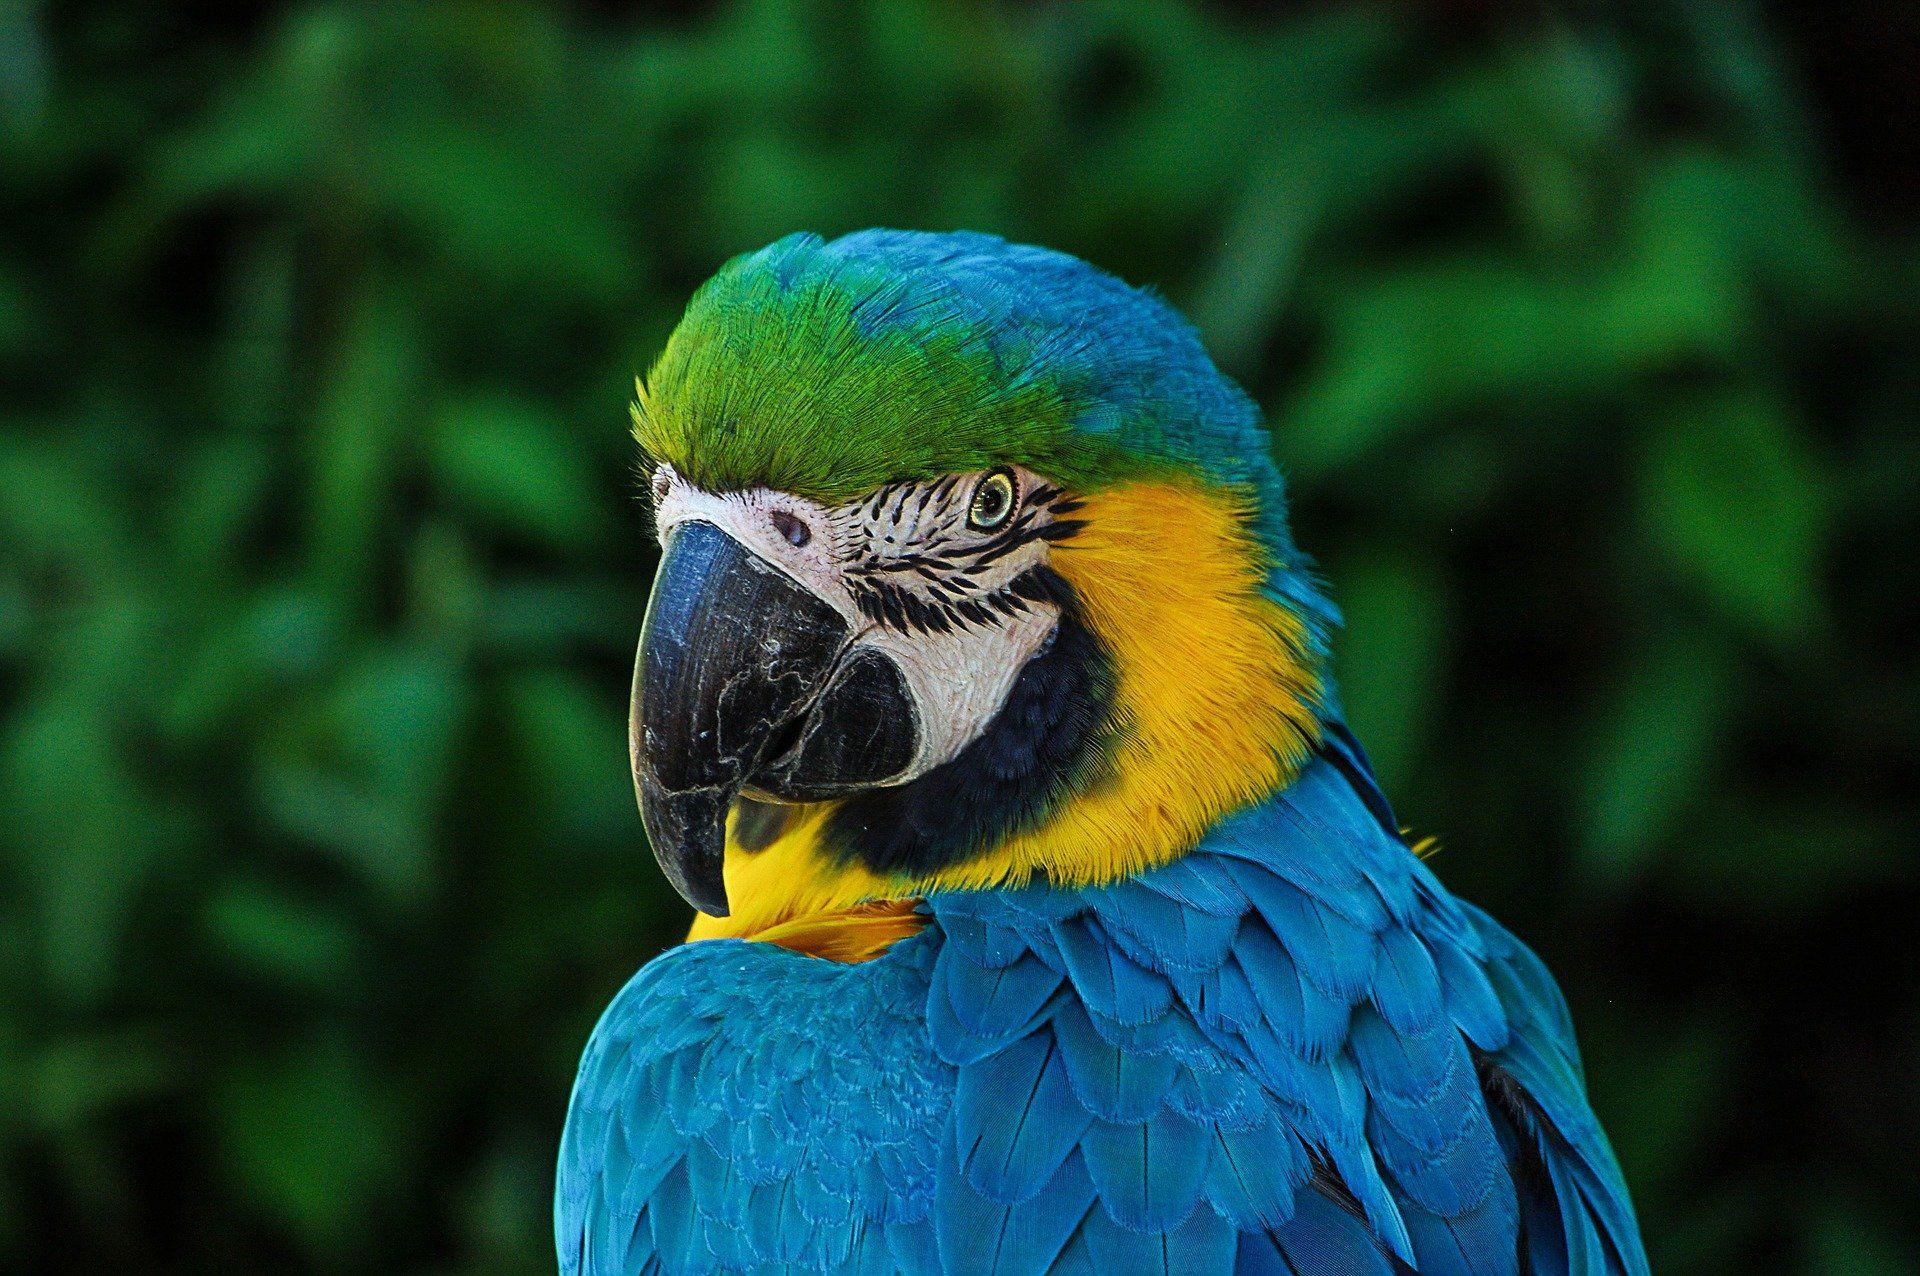 Смотреть фото красивого, волнистого, зеленого попугая крупным планом